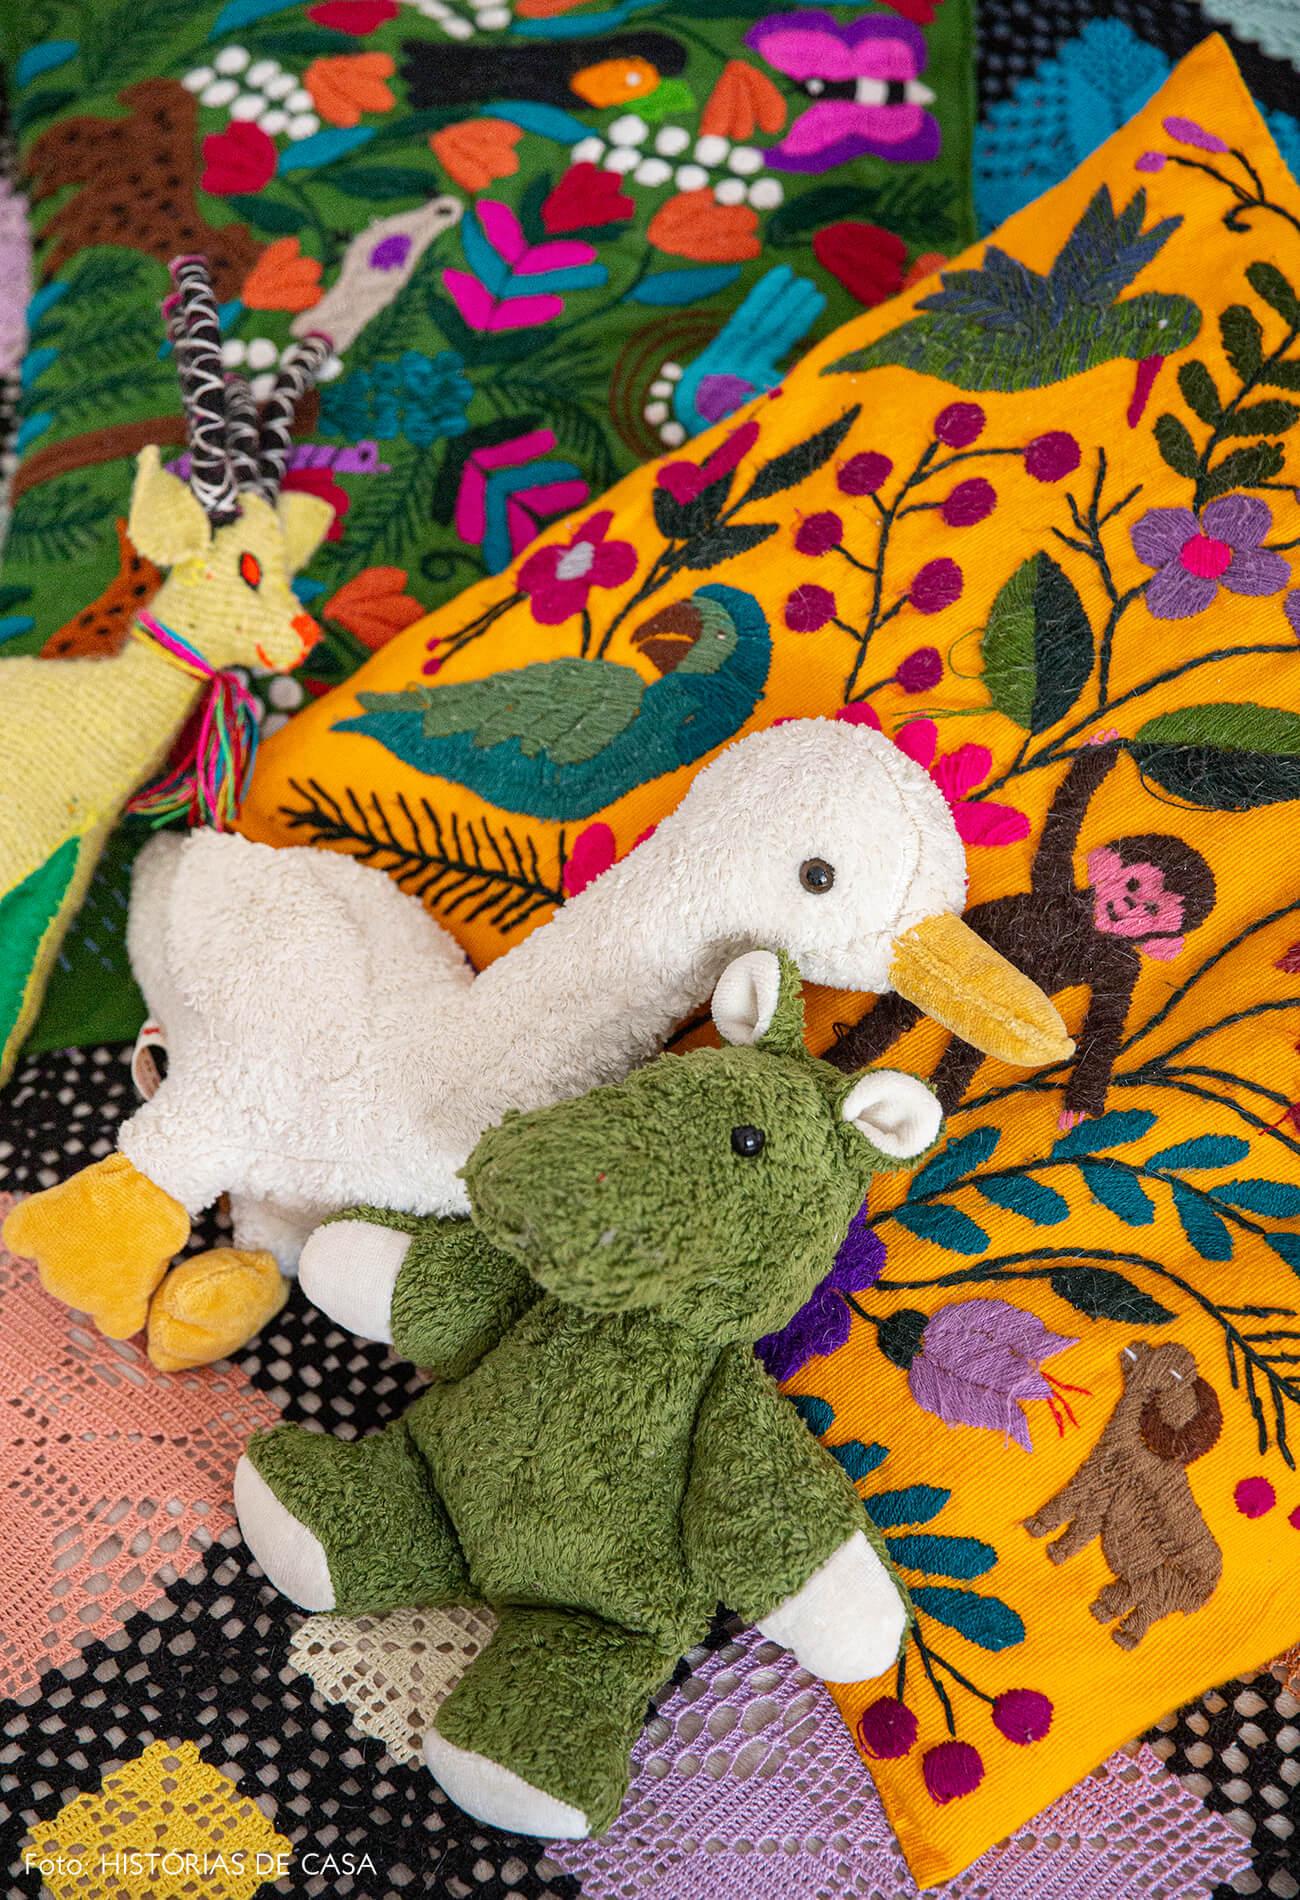 Quarto de criança com cama de casinha e colcha de crochê